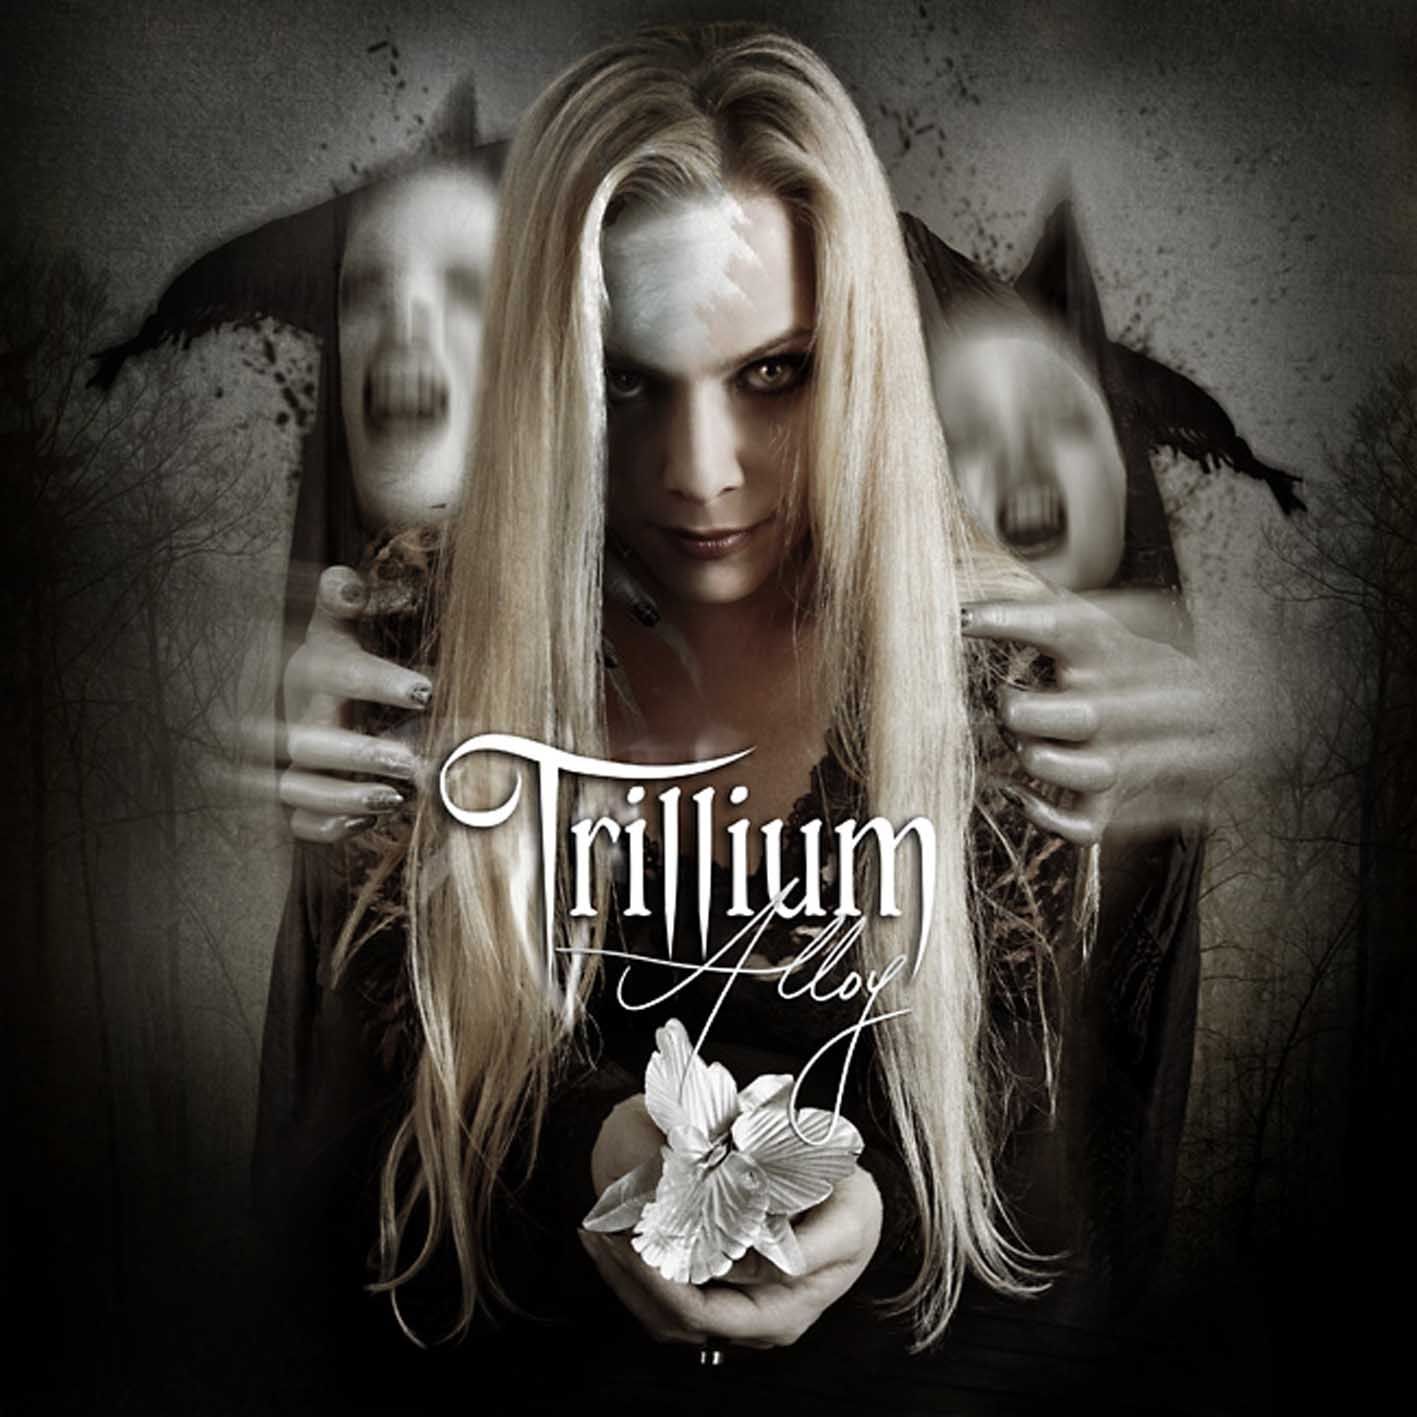 Trillium pochette d'Alloy